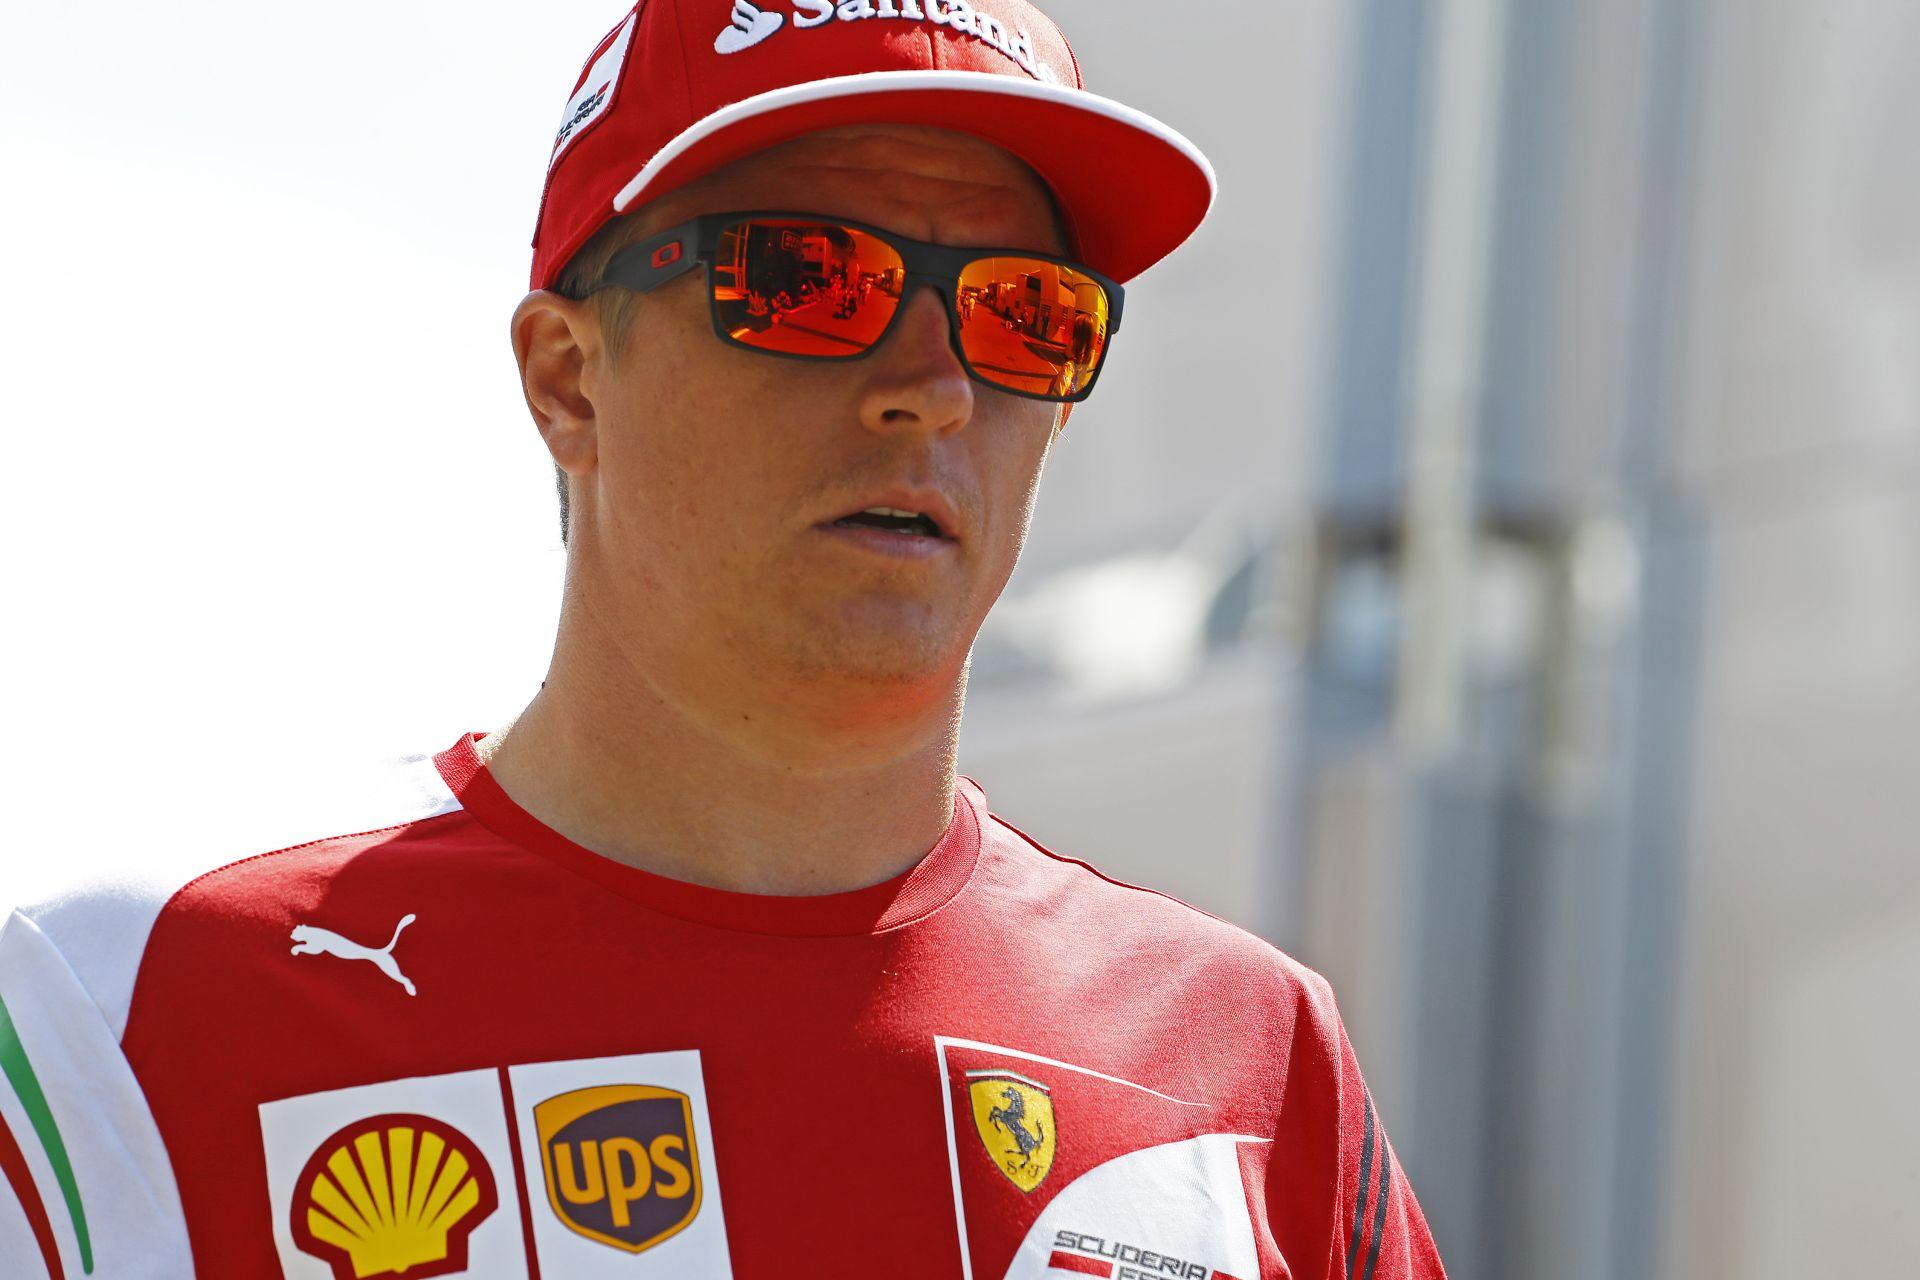 Raikkönen nulla motivációval versenyez, Massa KO, Alonso egy szuperhős?